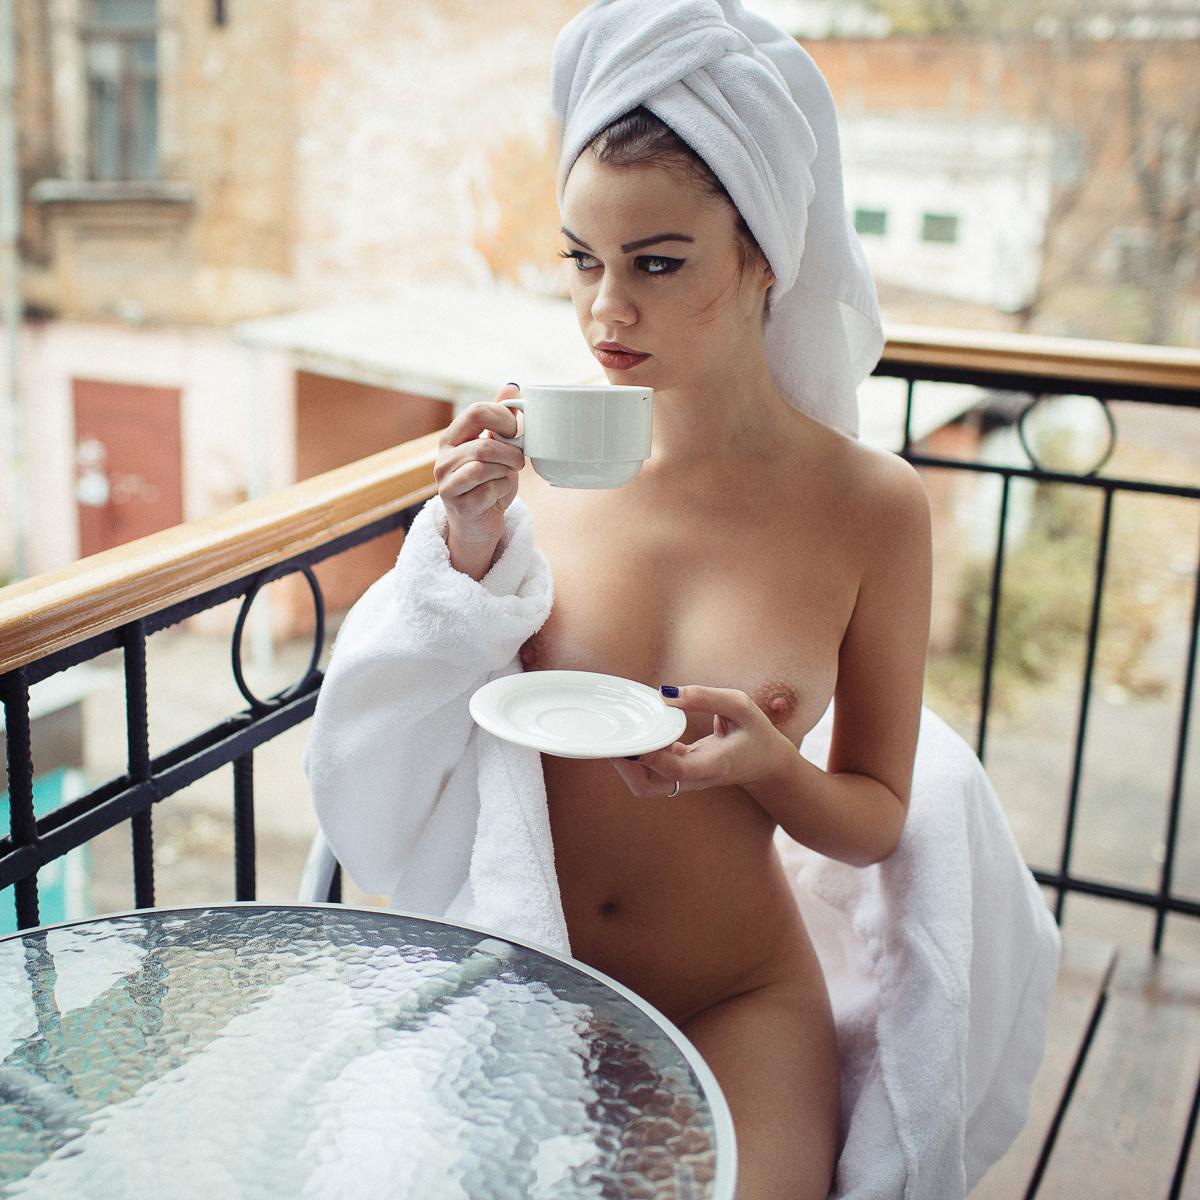 Эротика с полотенцем фото 182-450